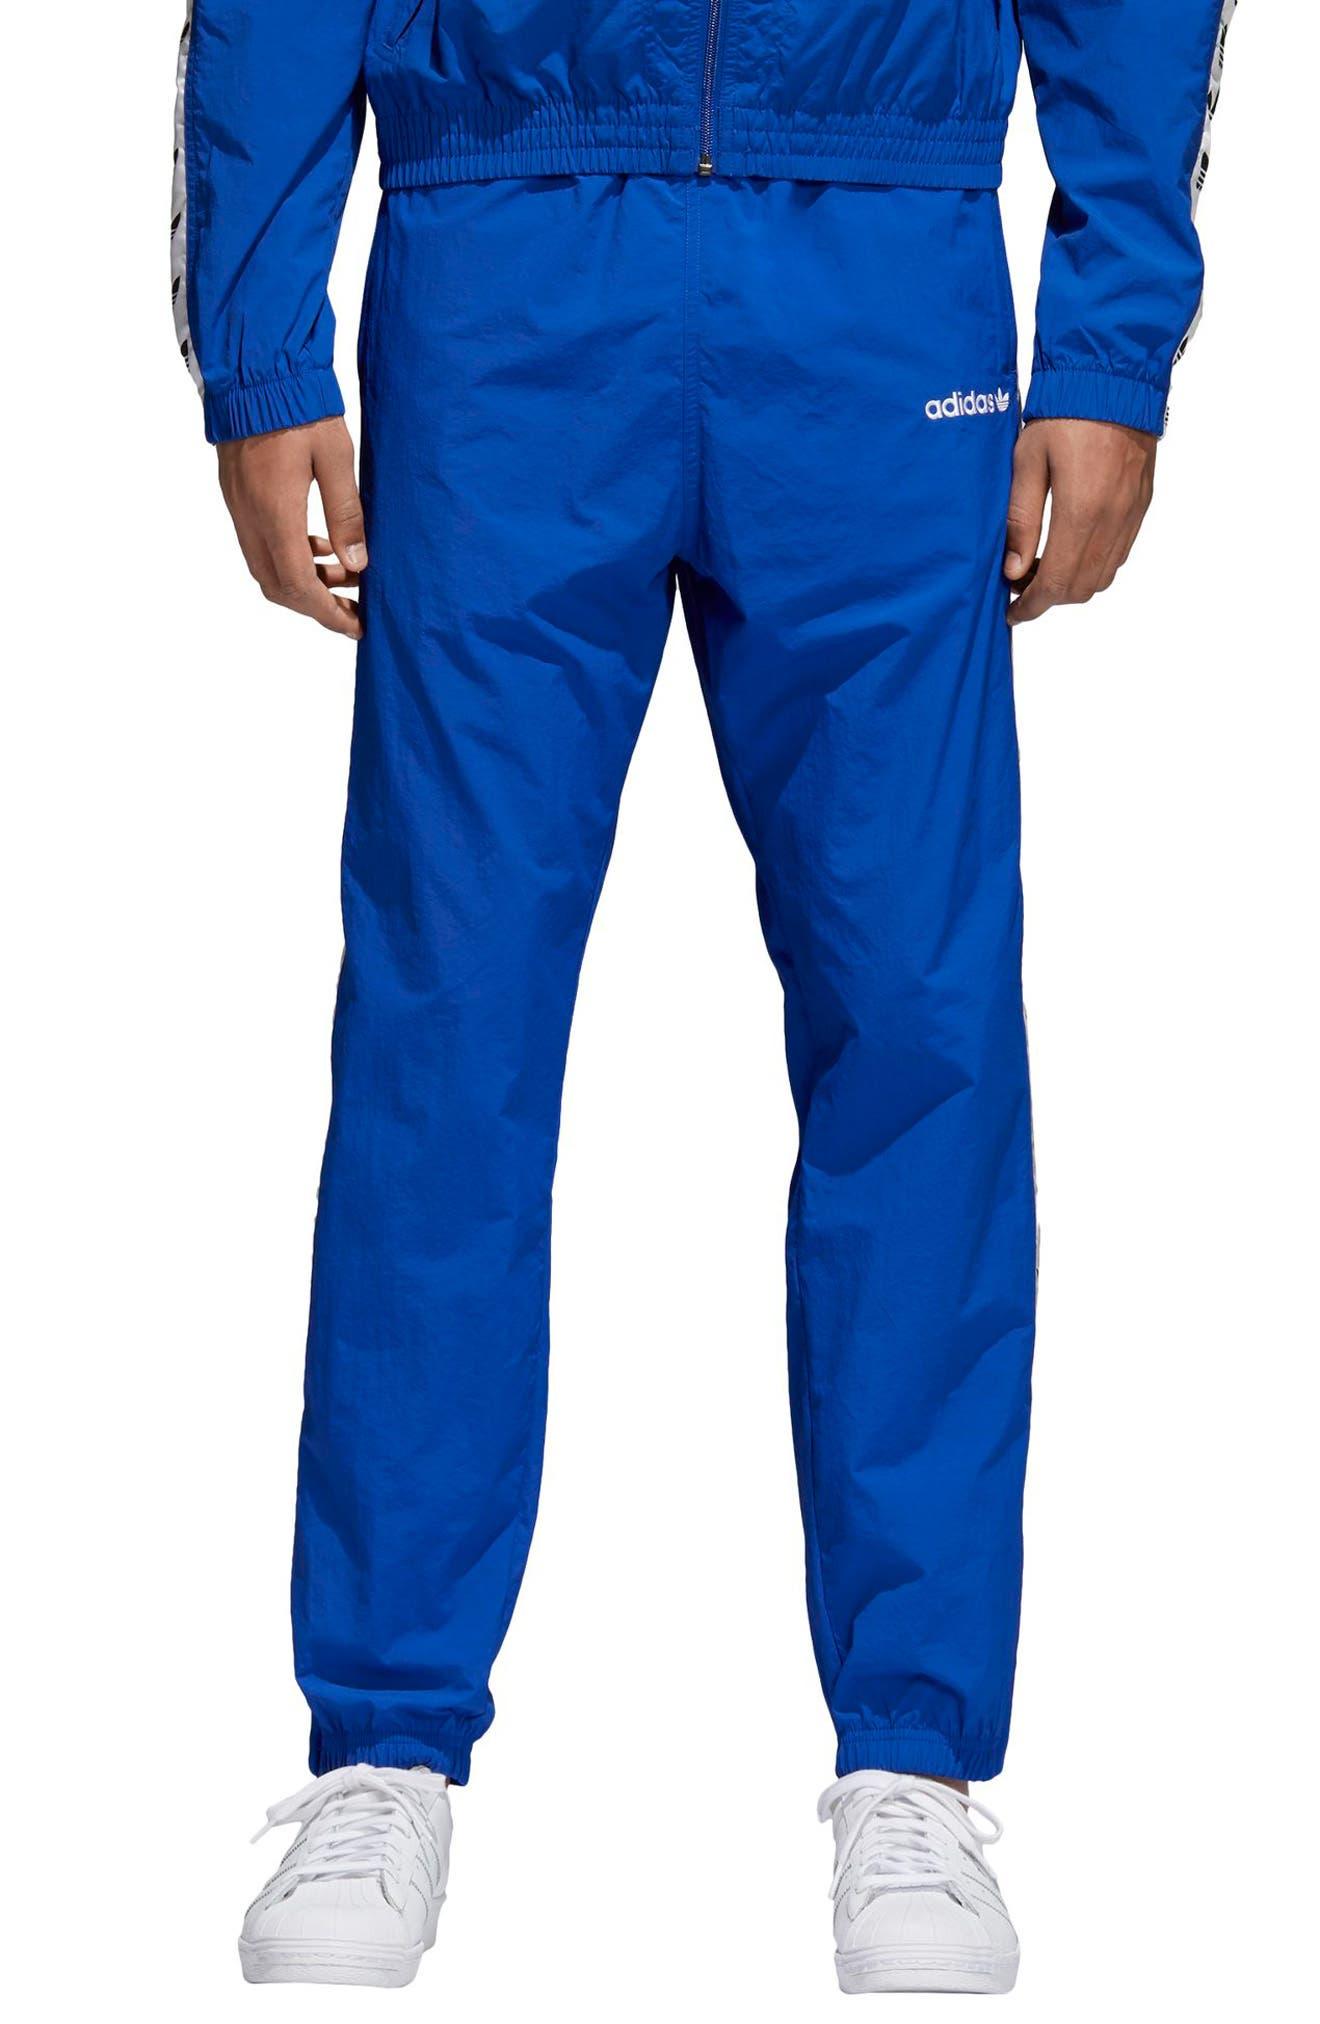 TNT Wind Pants,                         Main,                         color, Boblue